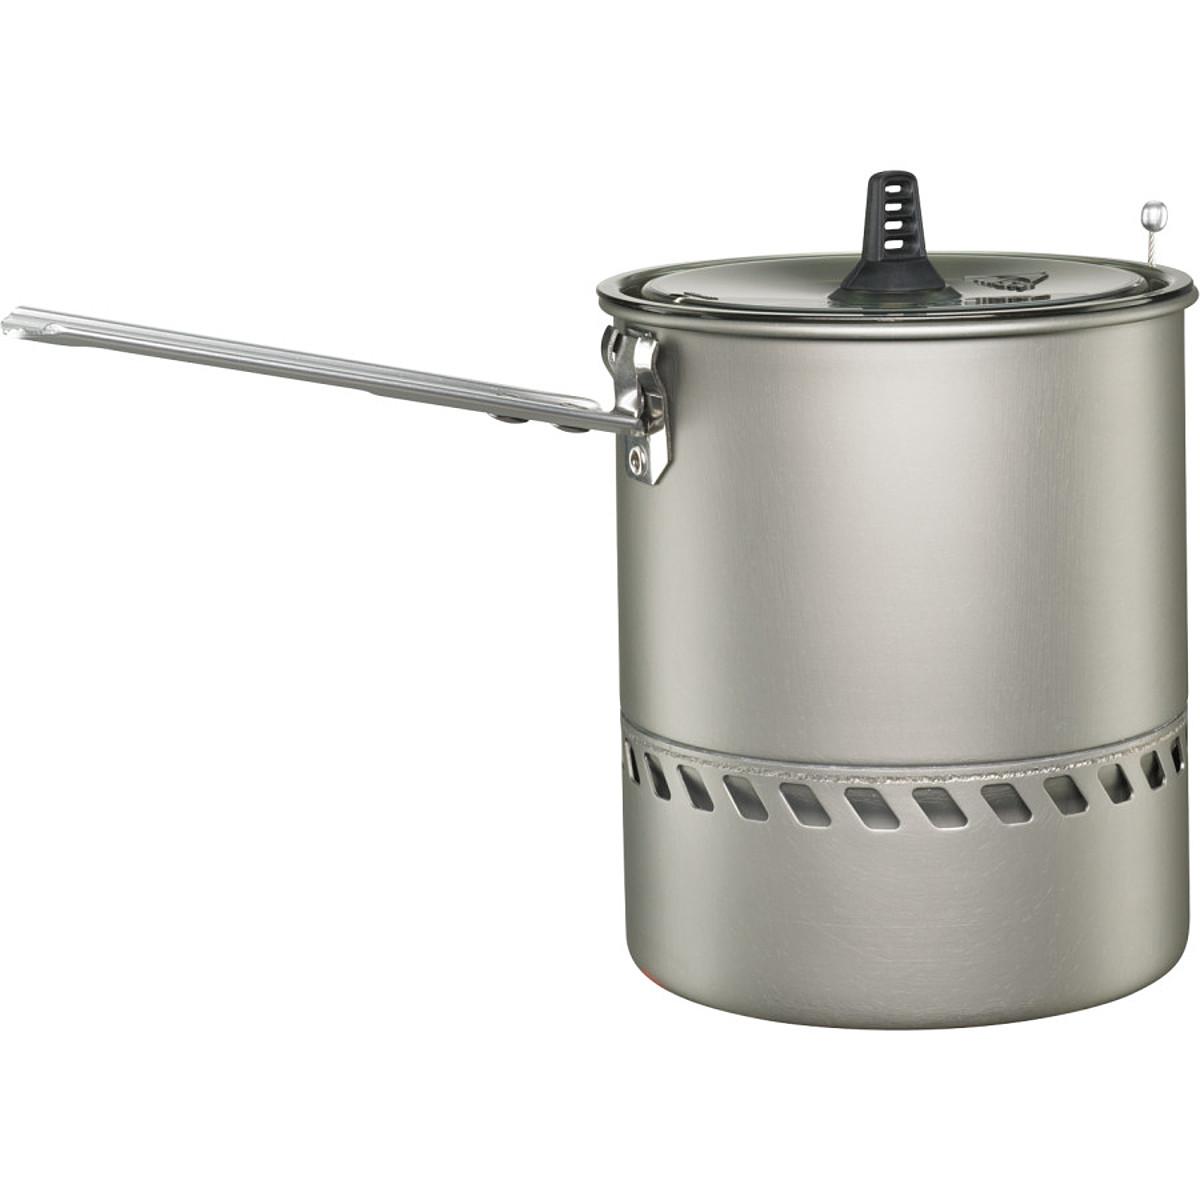 MSR Reactor Pot